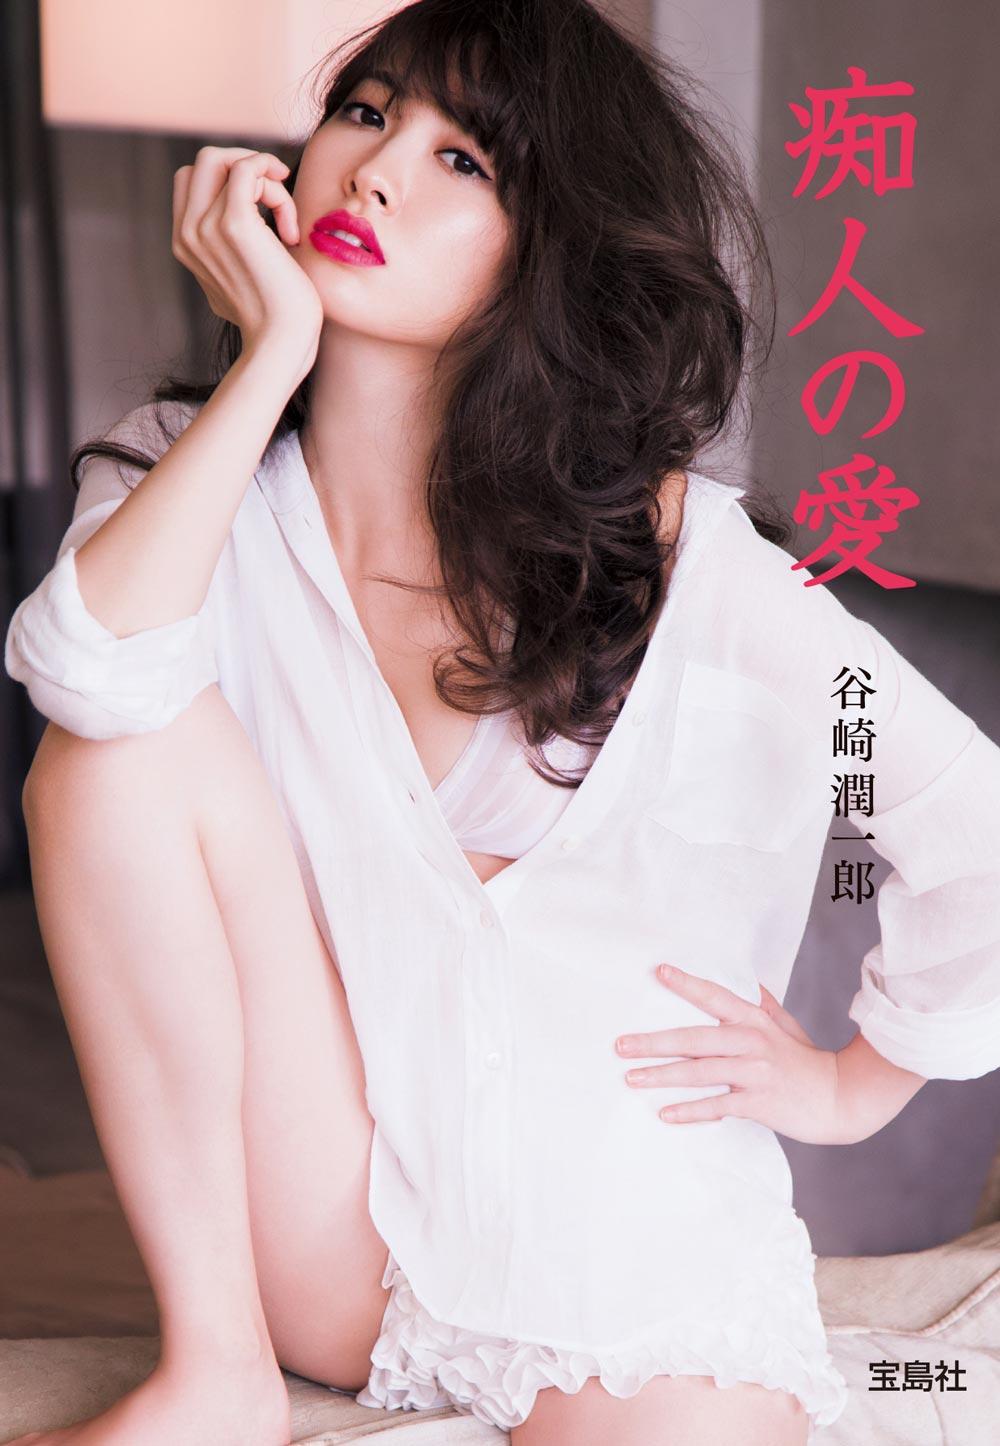 小嶋陽菜(AKB48)谷崎潤一郎『痴人の愛』表紙